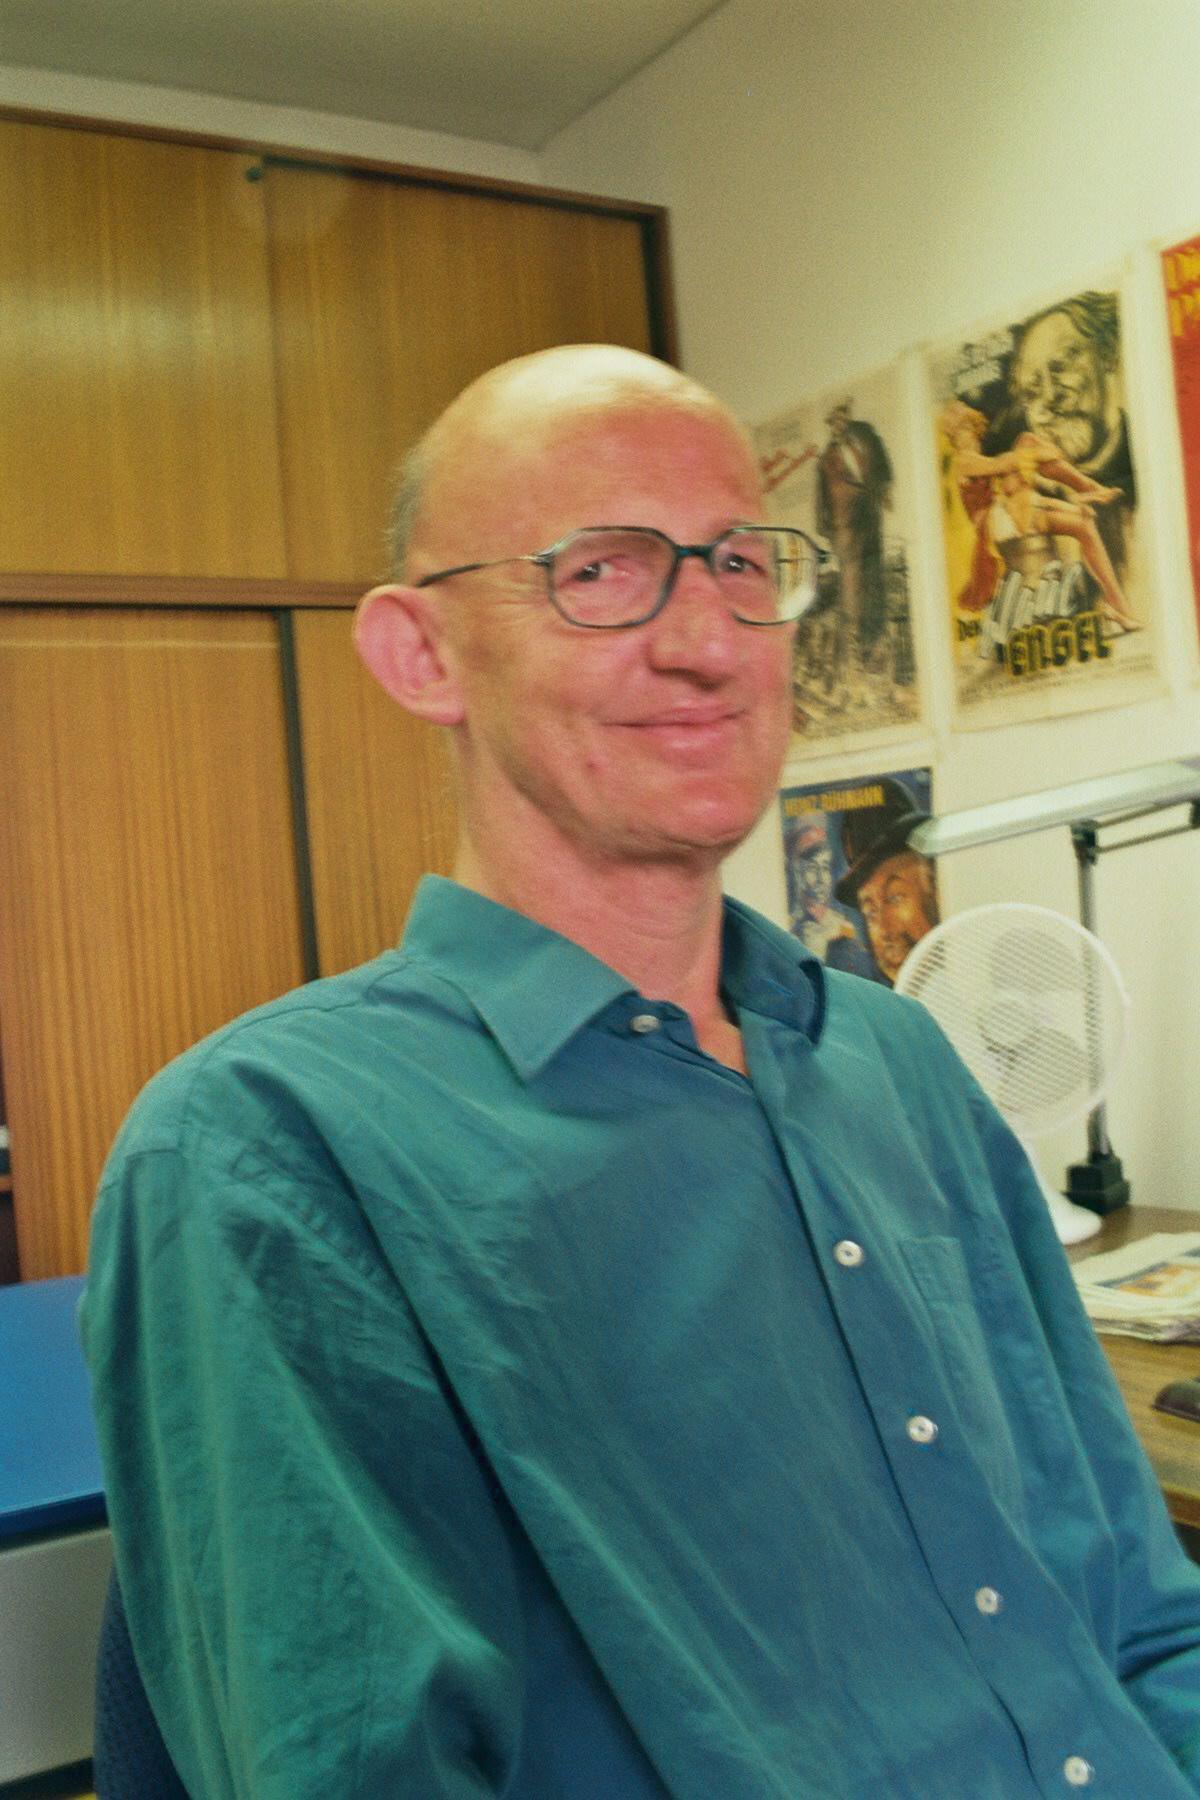 Helmut Schiestl